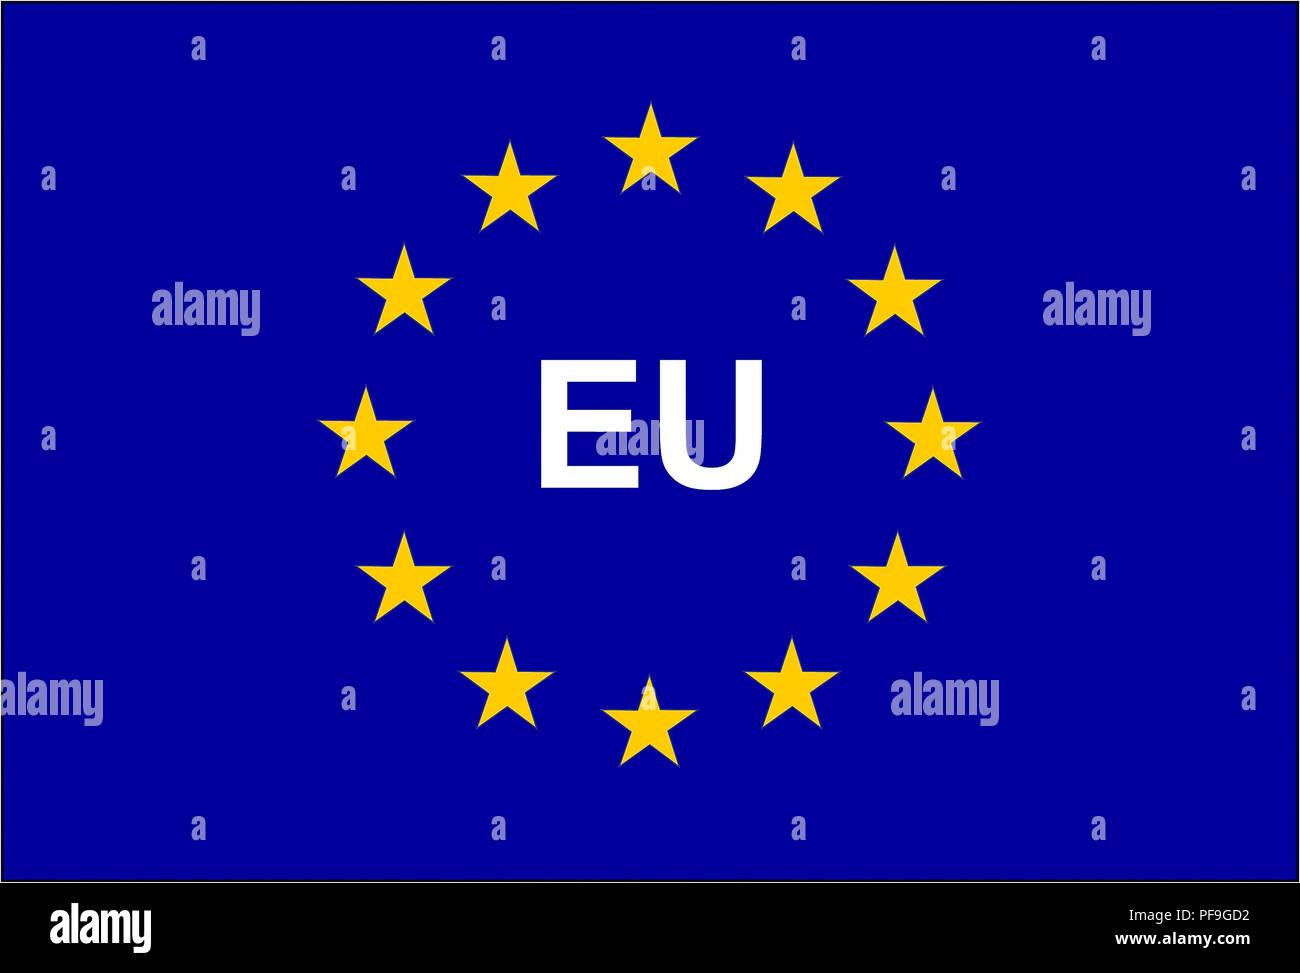 Símbolo de la bandera de la Unión Europea y la Unión Europea Imagen De Stock